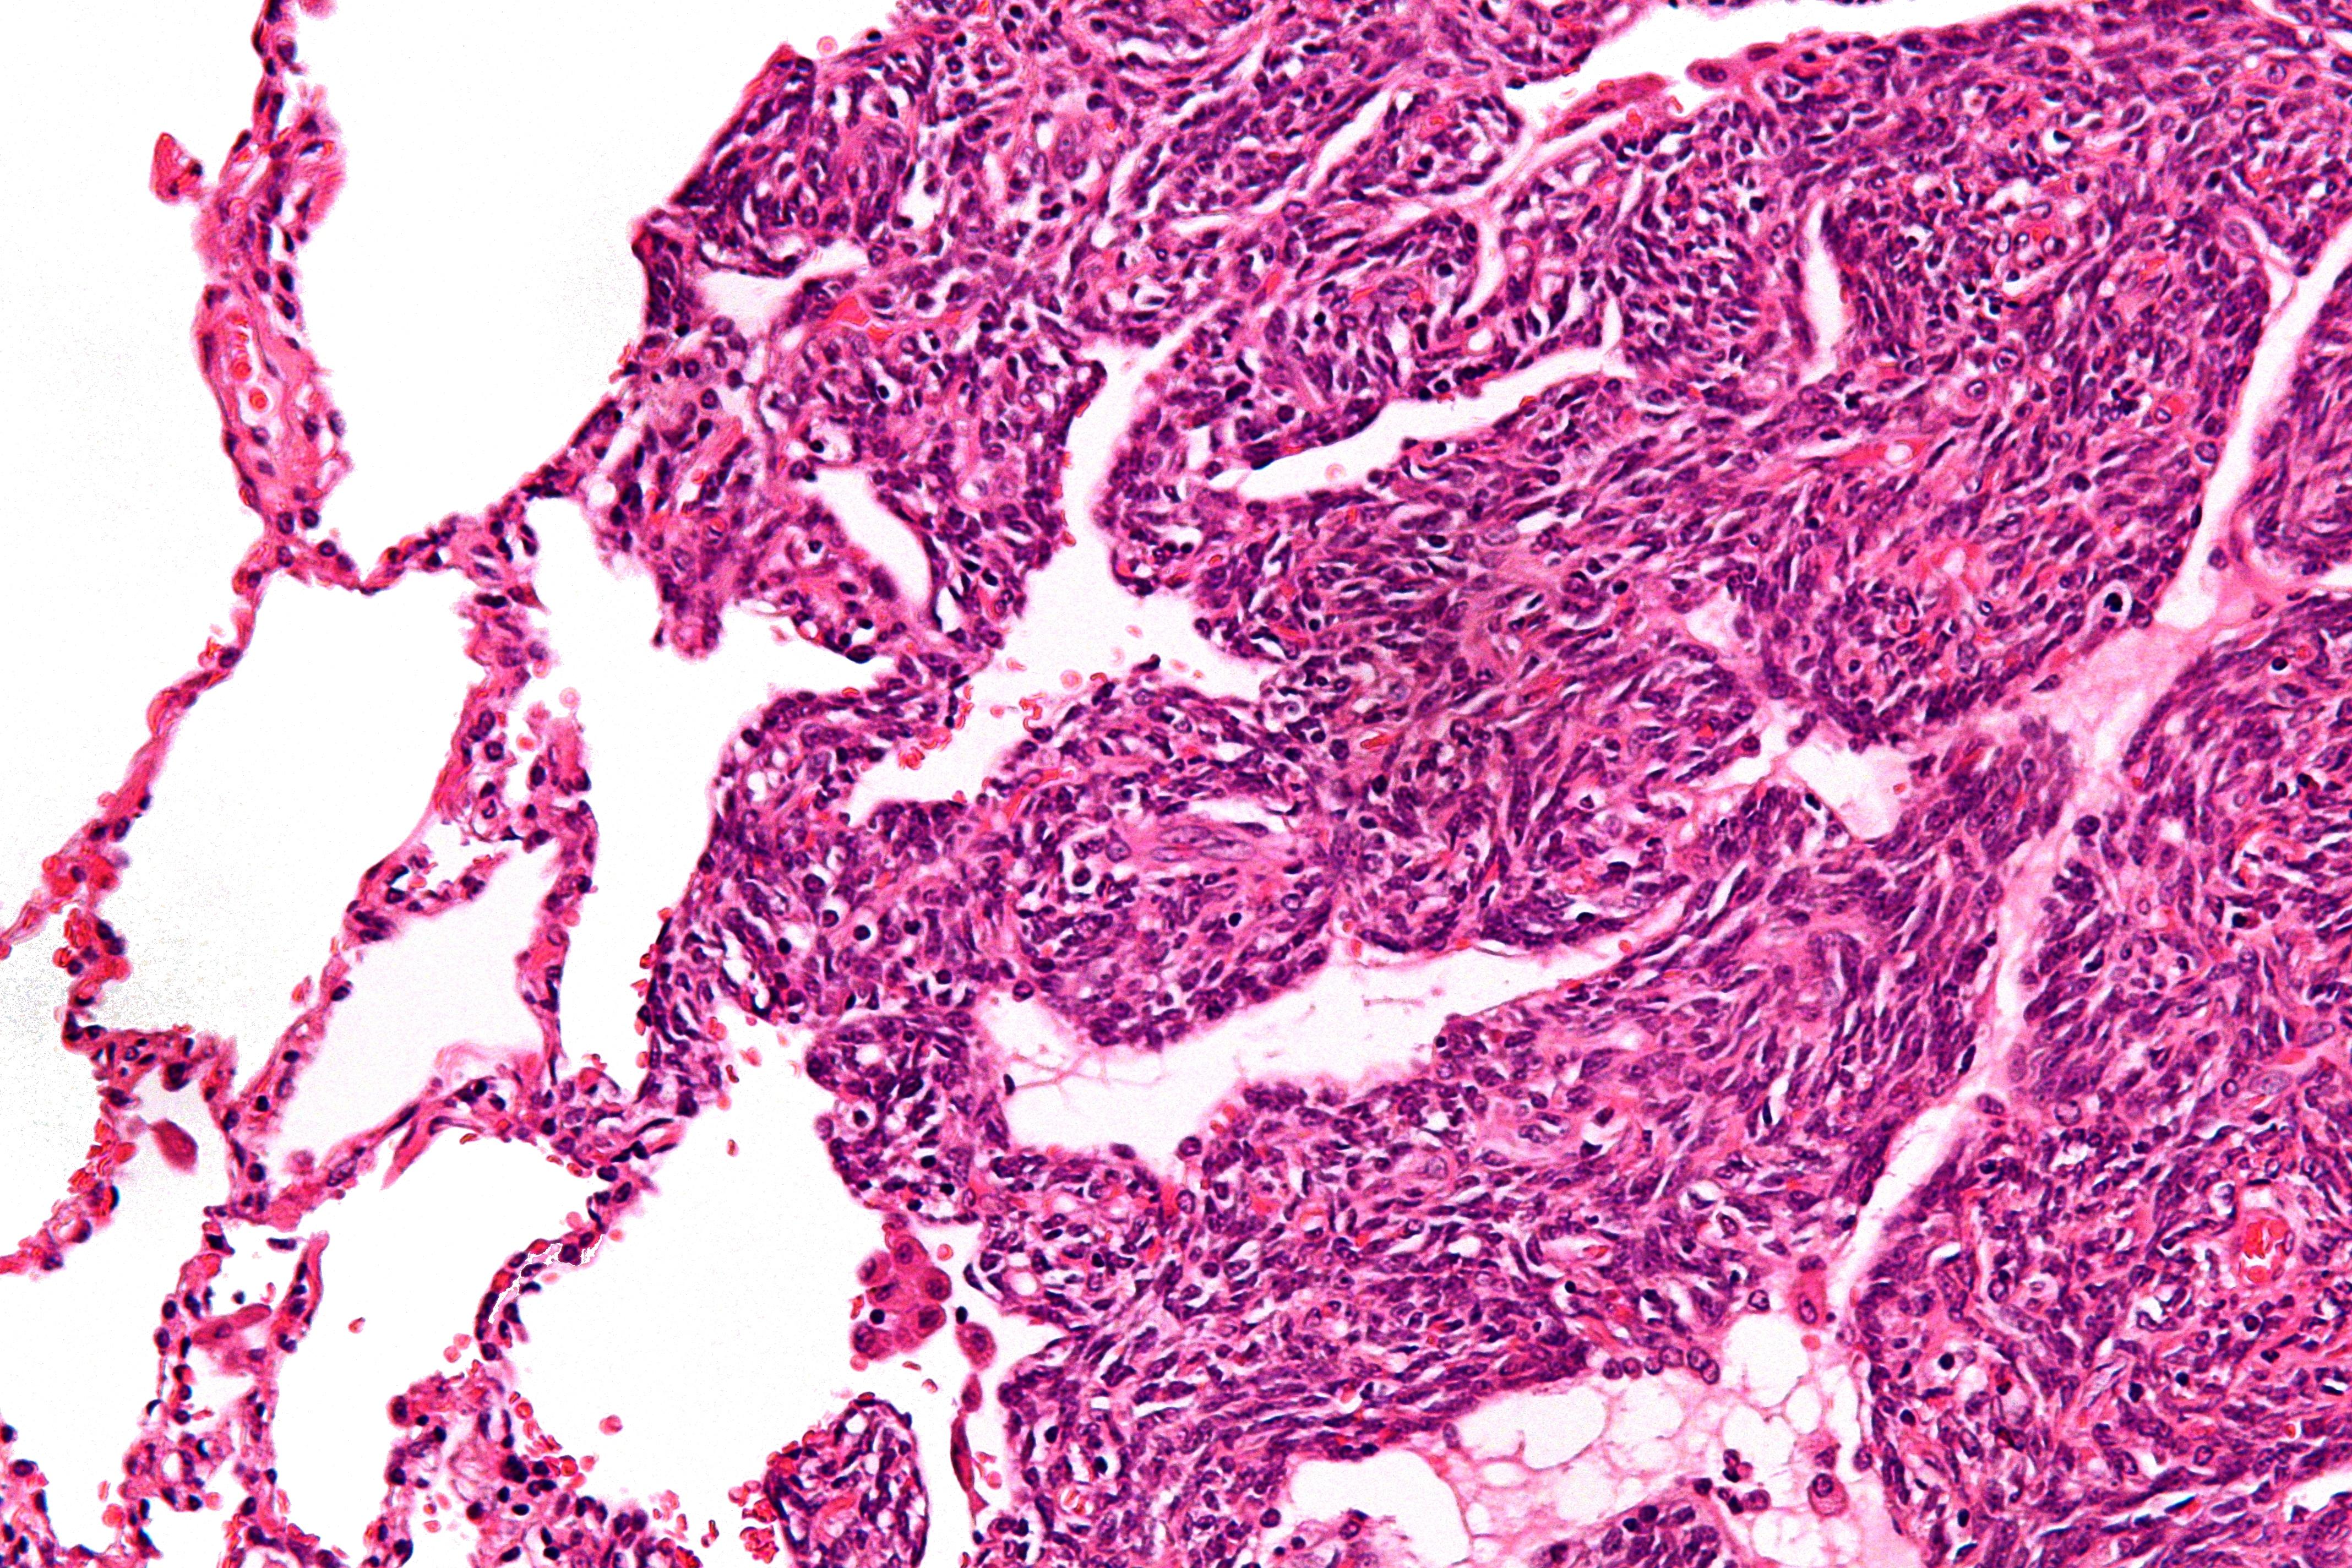 cancerul sarcoma